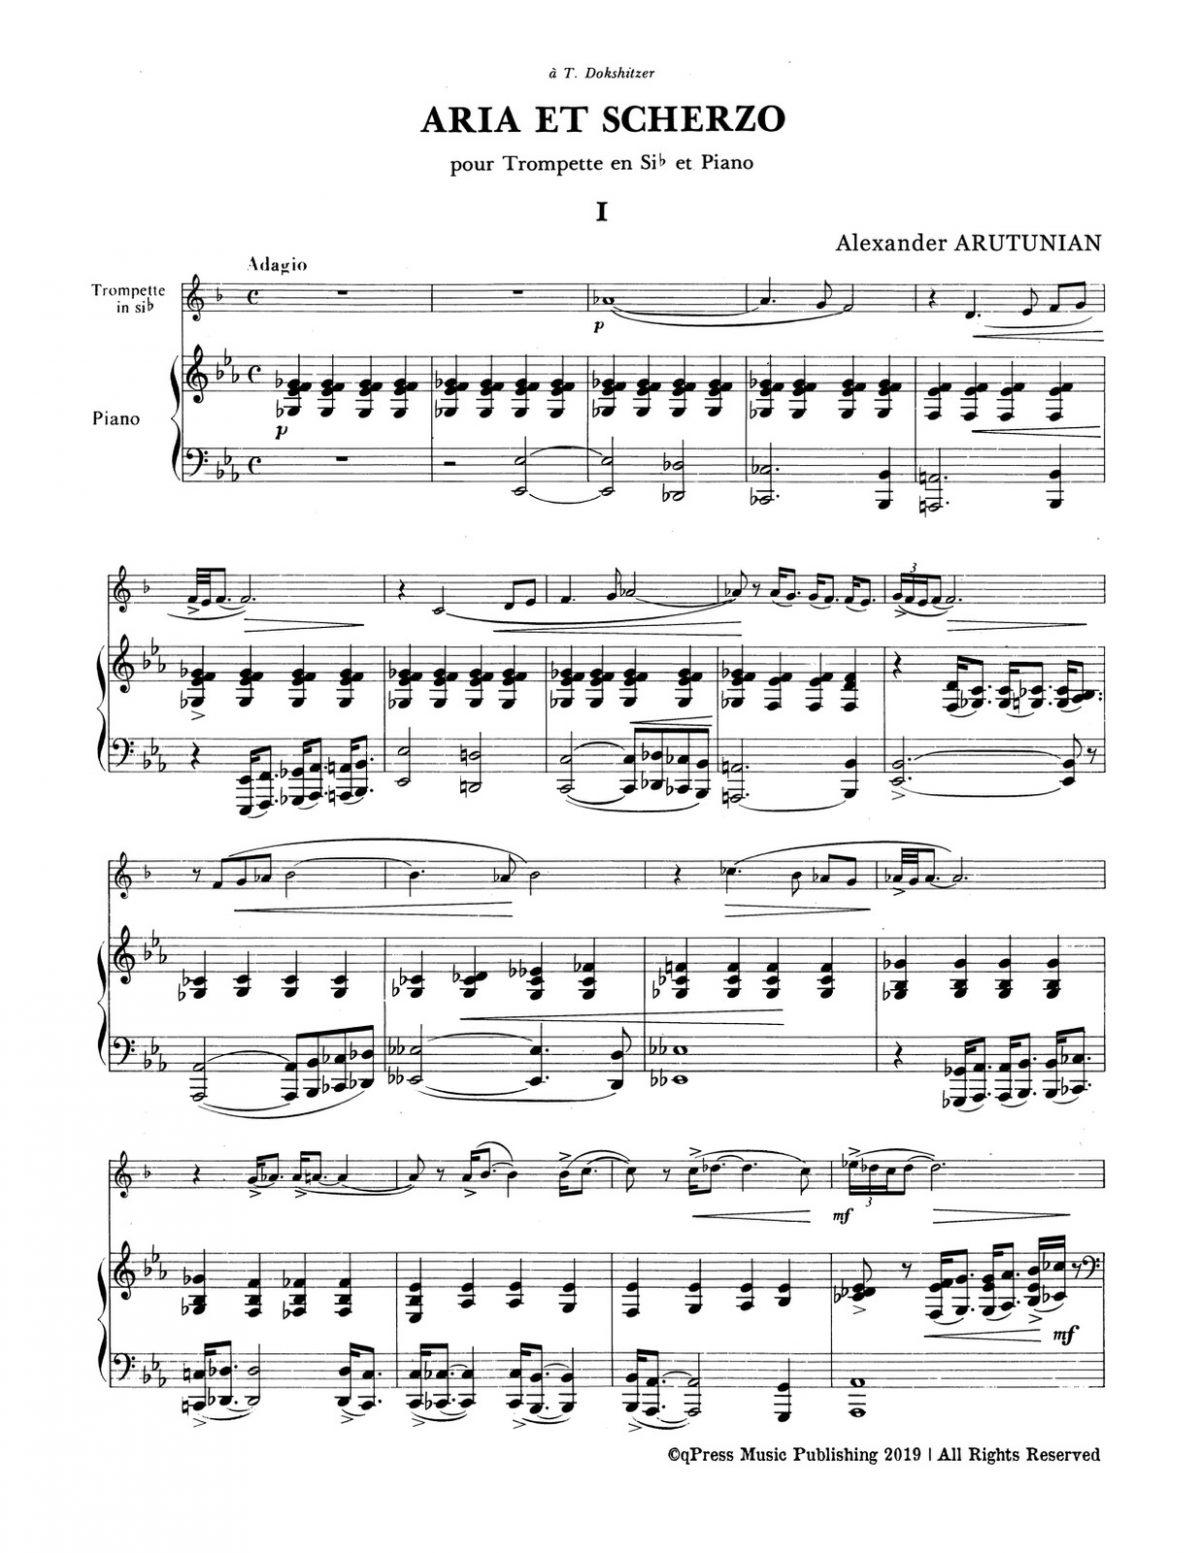 Arutunian, Aria et Scherzo-p07